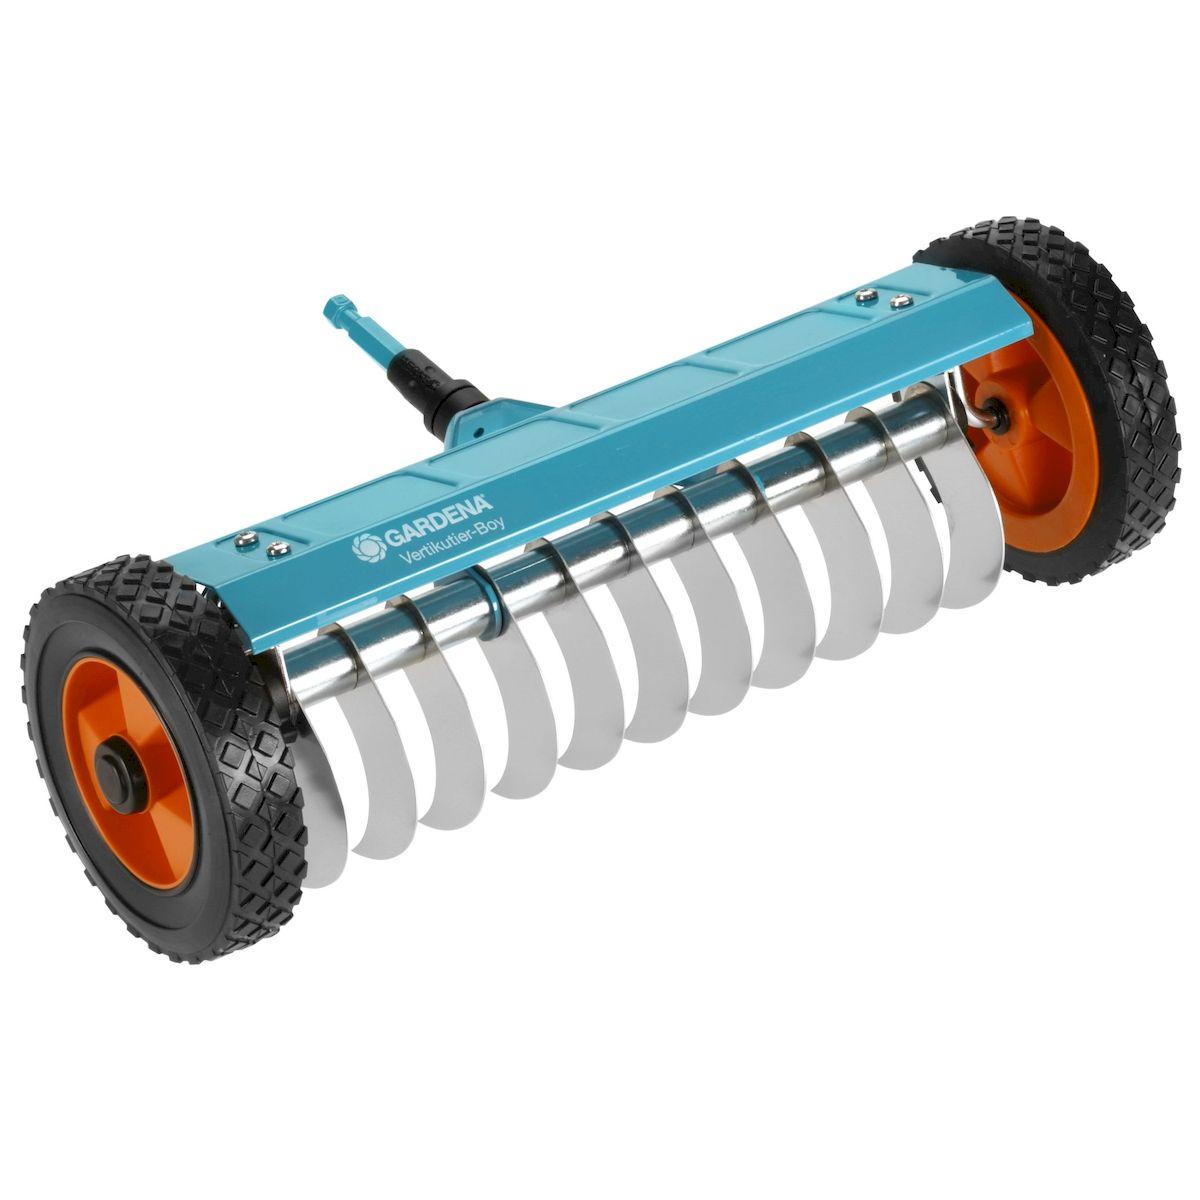 Прореживатель на колесах GardenaBH0119-RПрореживатель на колесах Gardena позволяет удалять мох, сорняки и отмершую траву с участка, улучшая тем самым восприимчивость почвы к воздуху, воде и питательным веществам. Специальные зубья с гладким торцом из высококачественной нержавеющей пружинной стали легко проникают в почву на незначительную глубину и удаляют нежелательную отмершую траву и солому. Удобство работы прореживателем повышается за счет надежных колес, снабженных специальными протекторами, а также вспомогательной опоры. Прореживатель на колесах можно использовать с любой ручкой, однако рекомендуется использовать ручку длиной 180 см, в зависимости от роста пользователя.Рабочая ширина - 32 см.